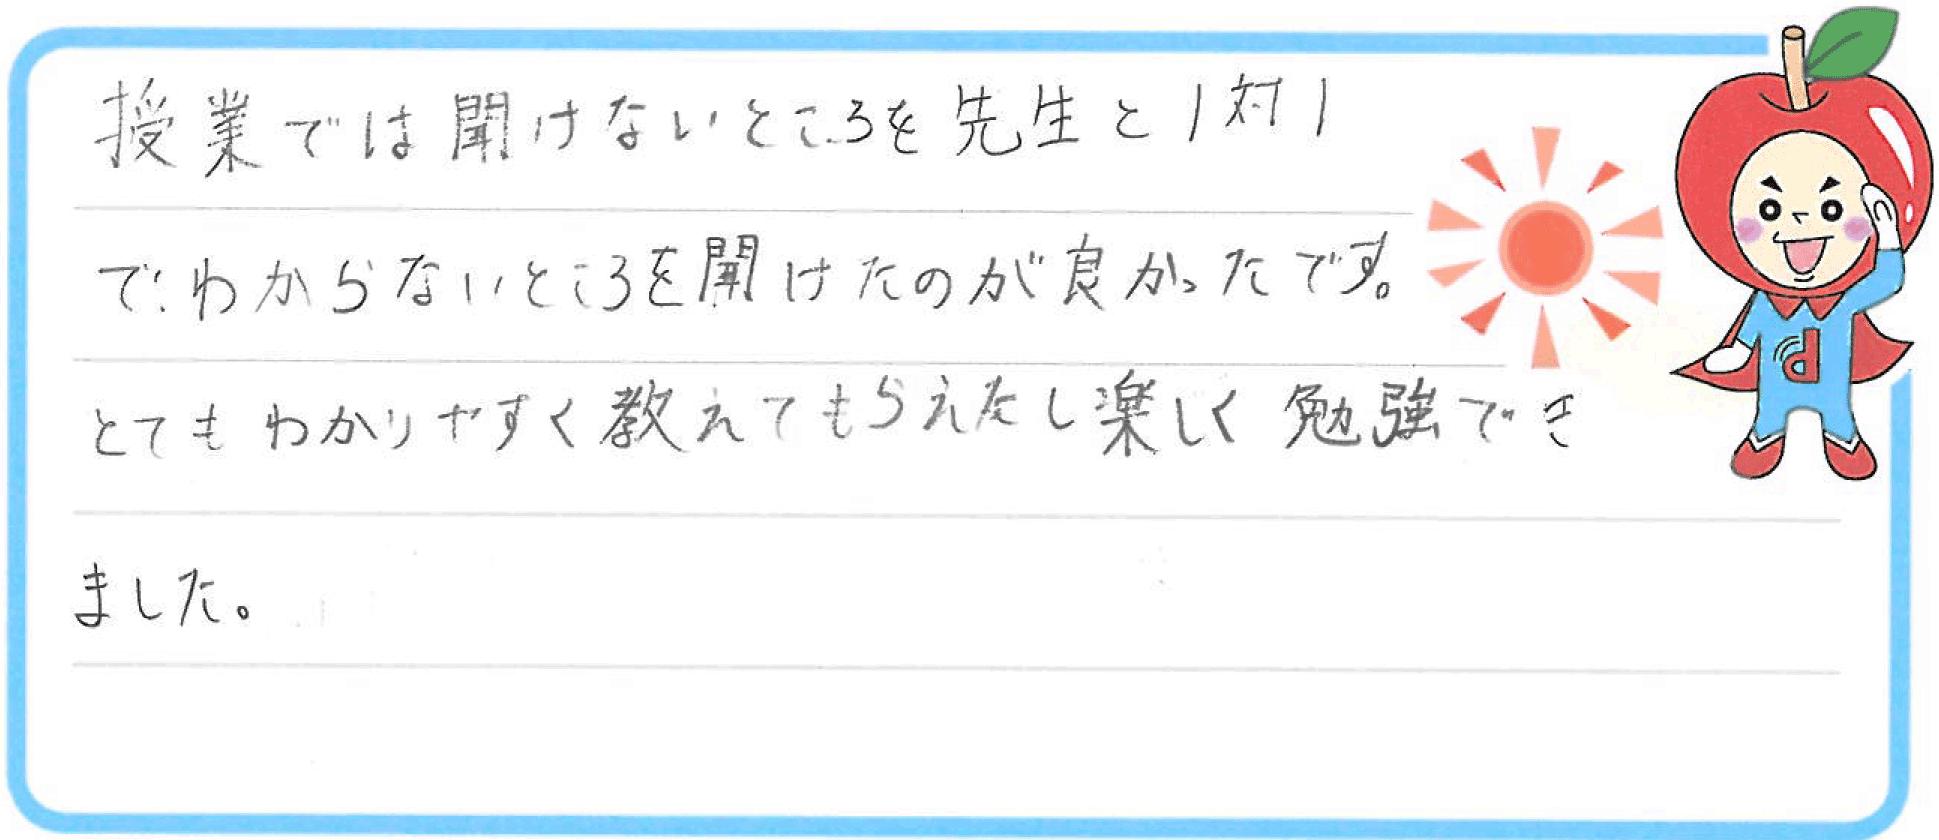 Y.H君(黒部市)からの口コミ